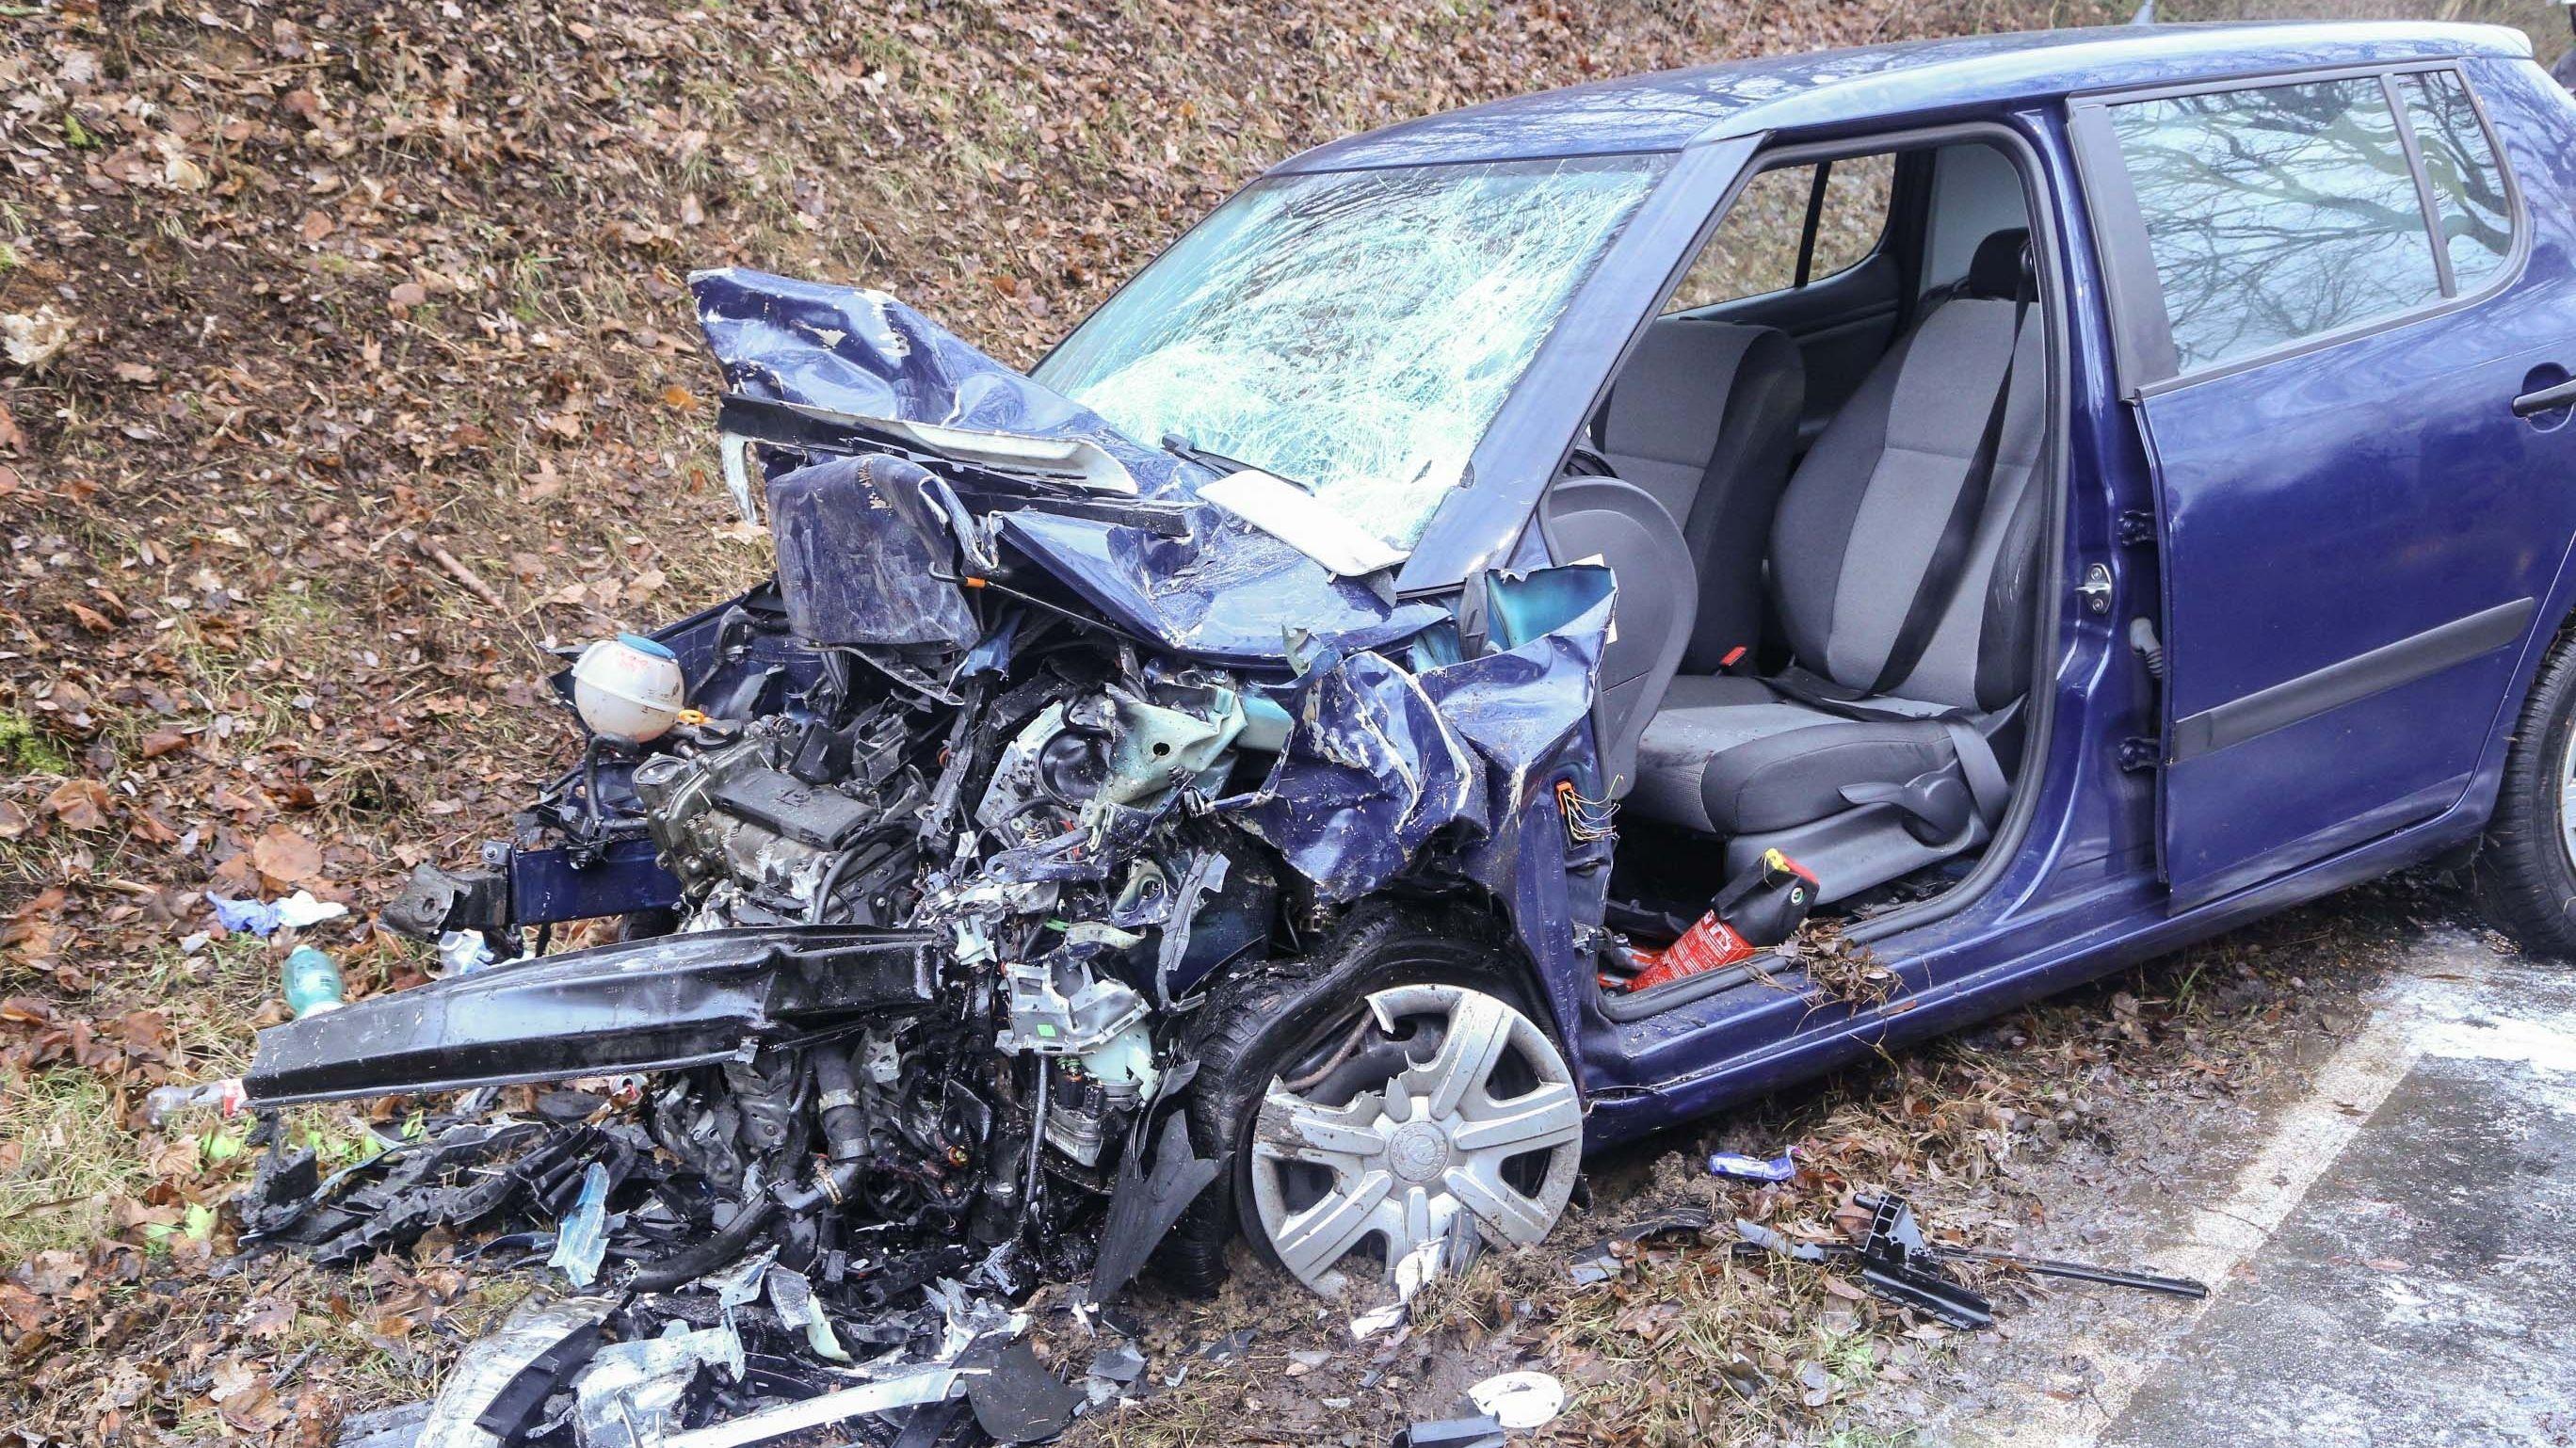 Die Fahrerin dieses Wagens war eingeklemmt und musste durch die  Feuerwehr aus dem Fahrzeug geborgen werden.